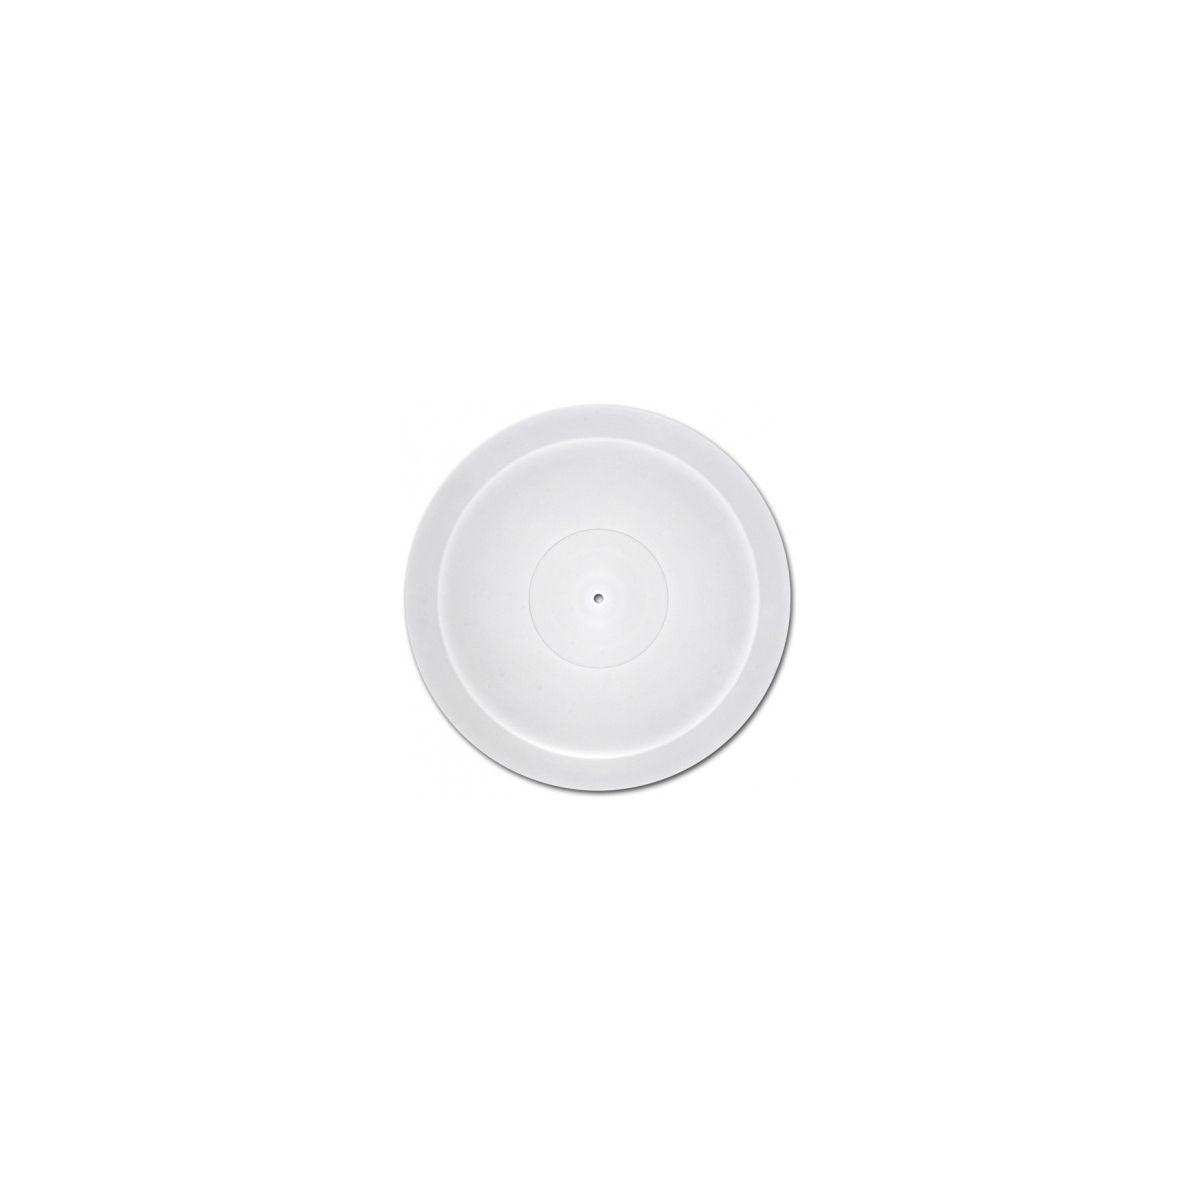 Acc. pro-ject acryl it - produit coup de coeur webdistrib.com ! (photo)